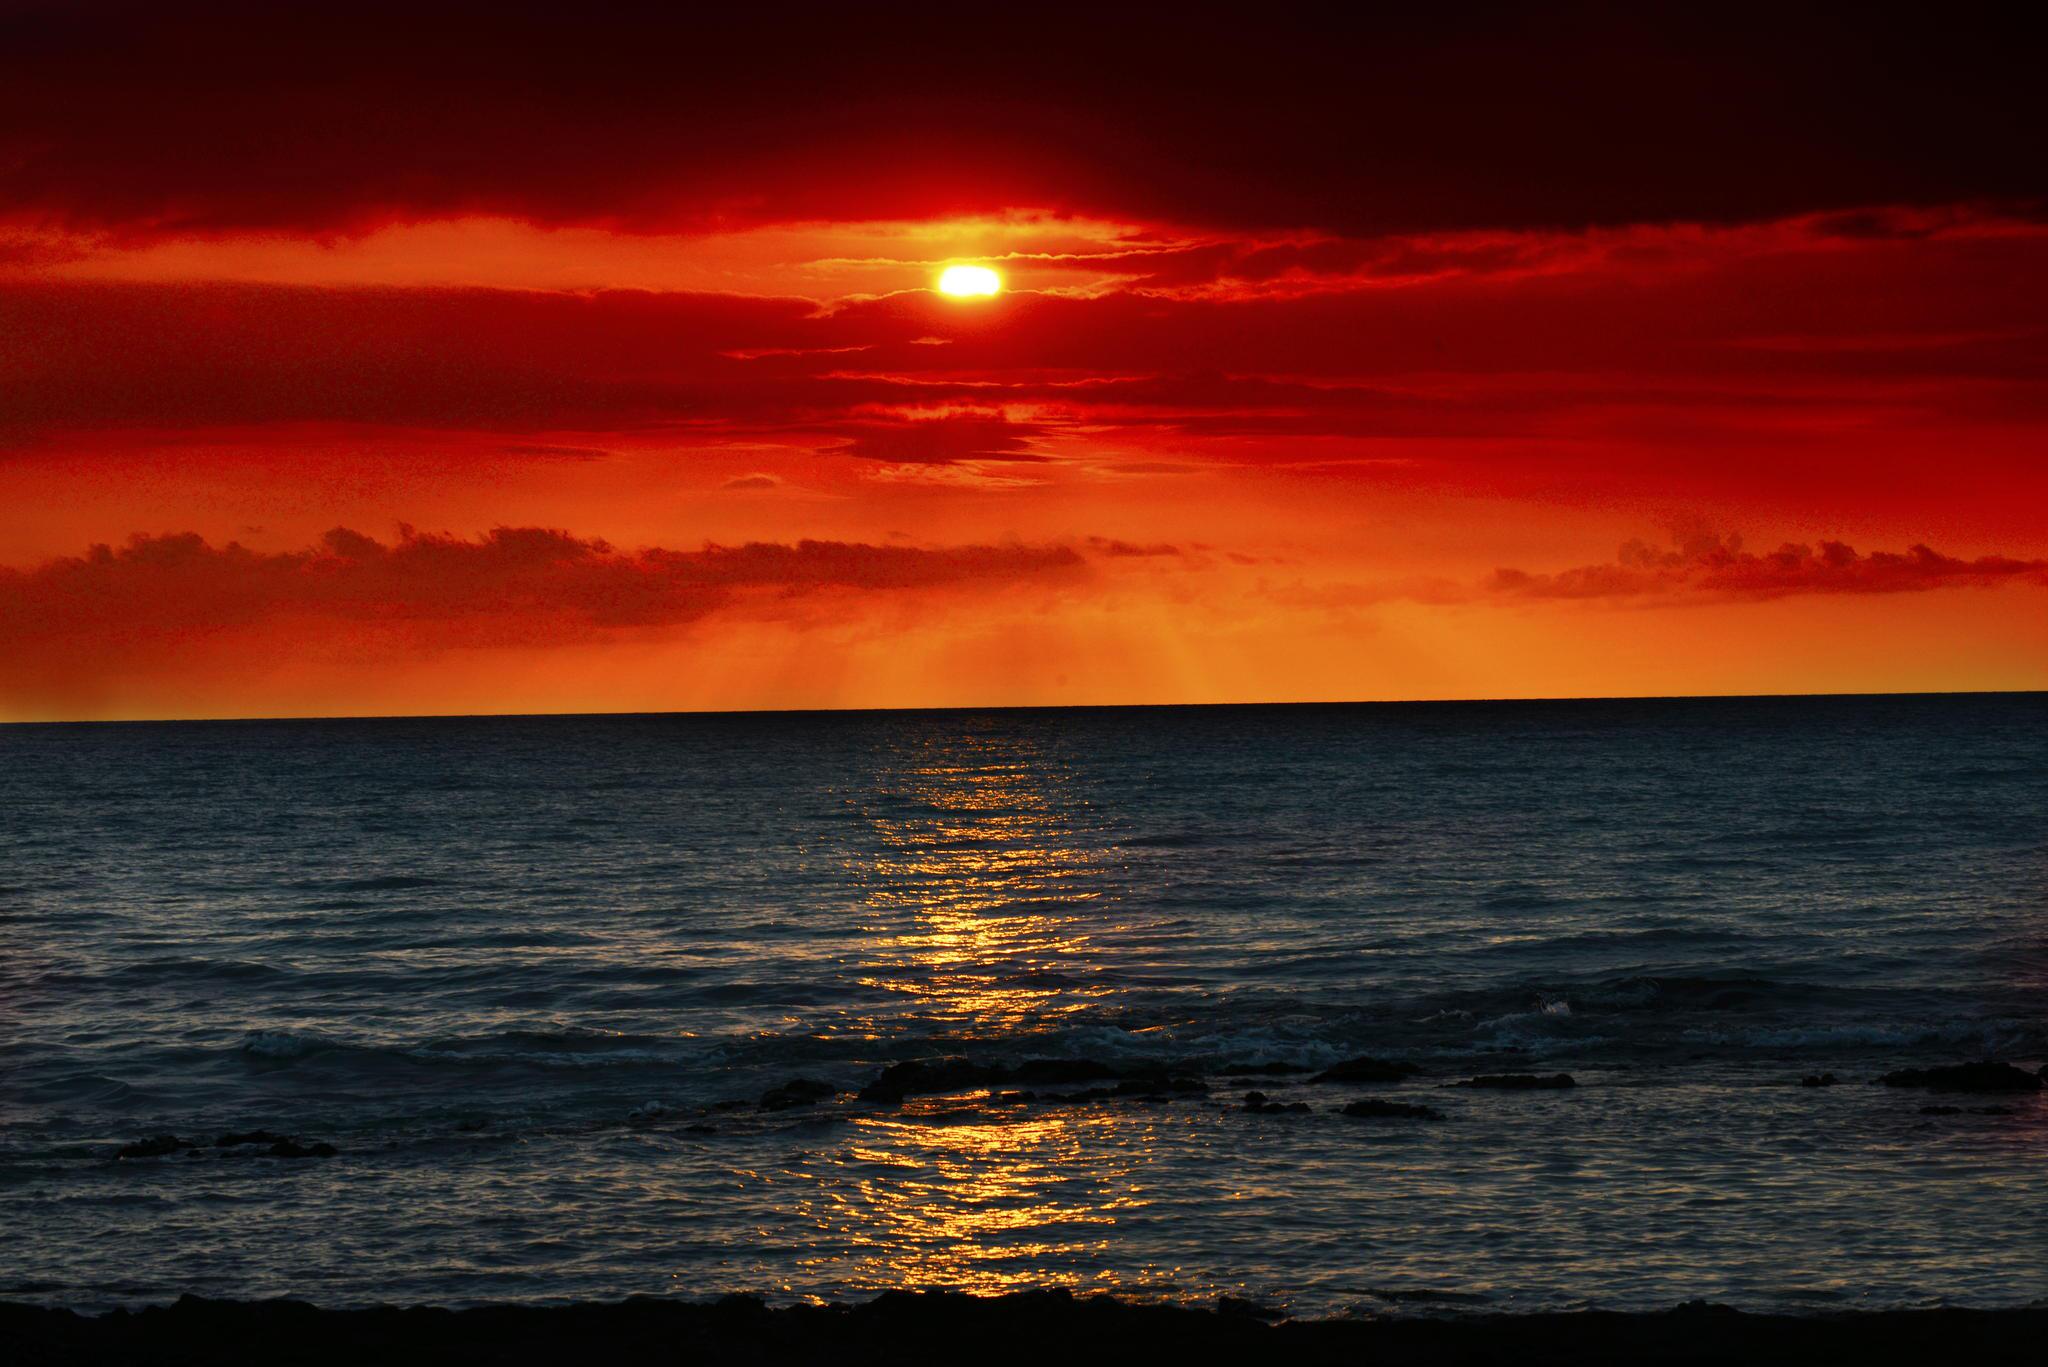 закат море волны  № 3911347 загрузить